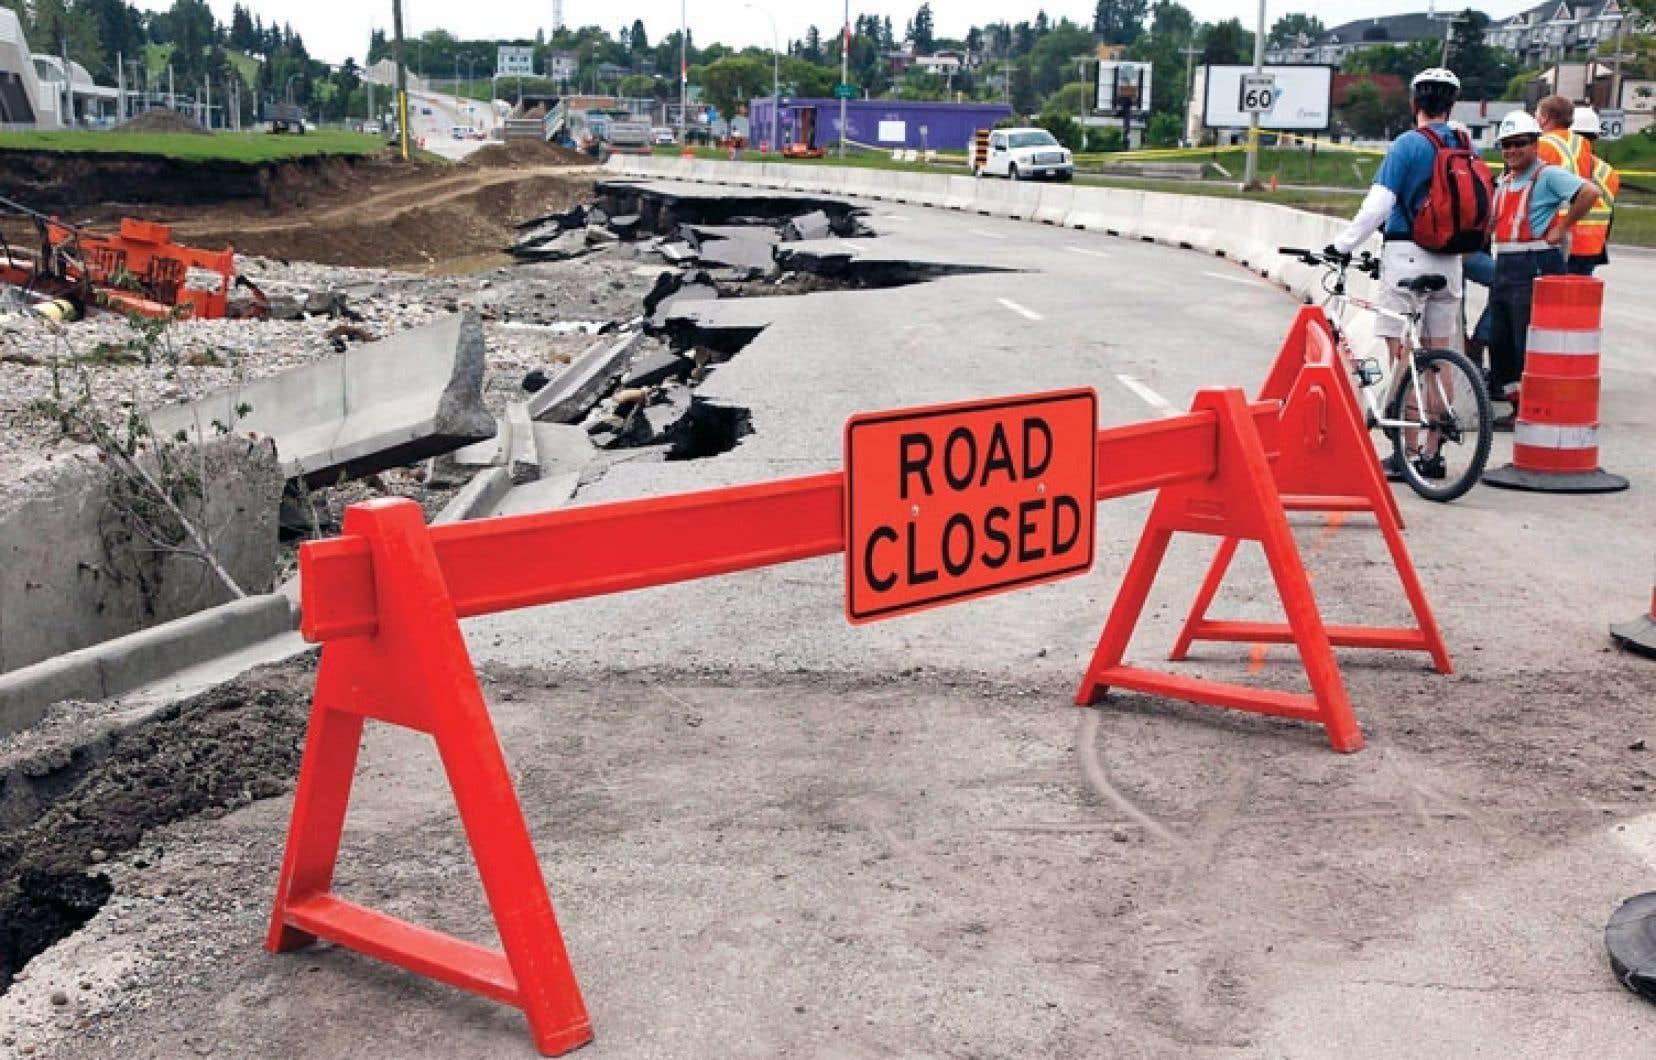 L'heure est au nettoyage et aux travaux de réfection à Calgary après les inondations historiques des derniers jours.